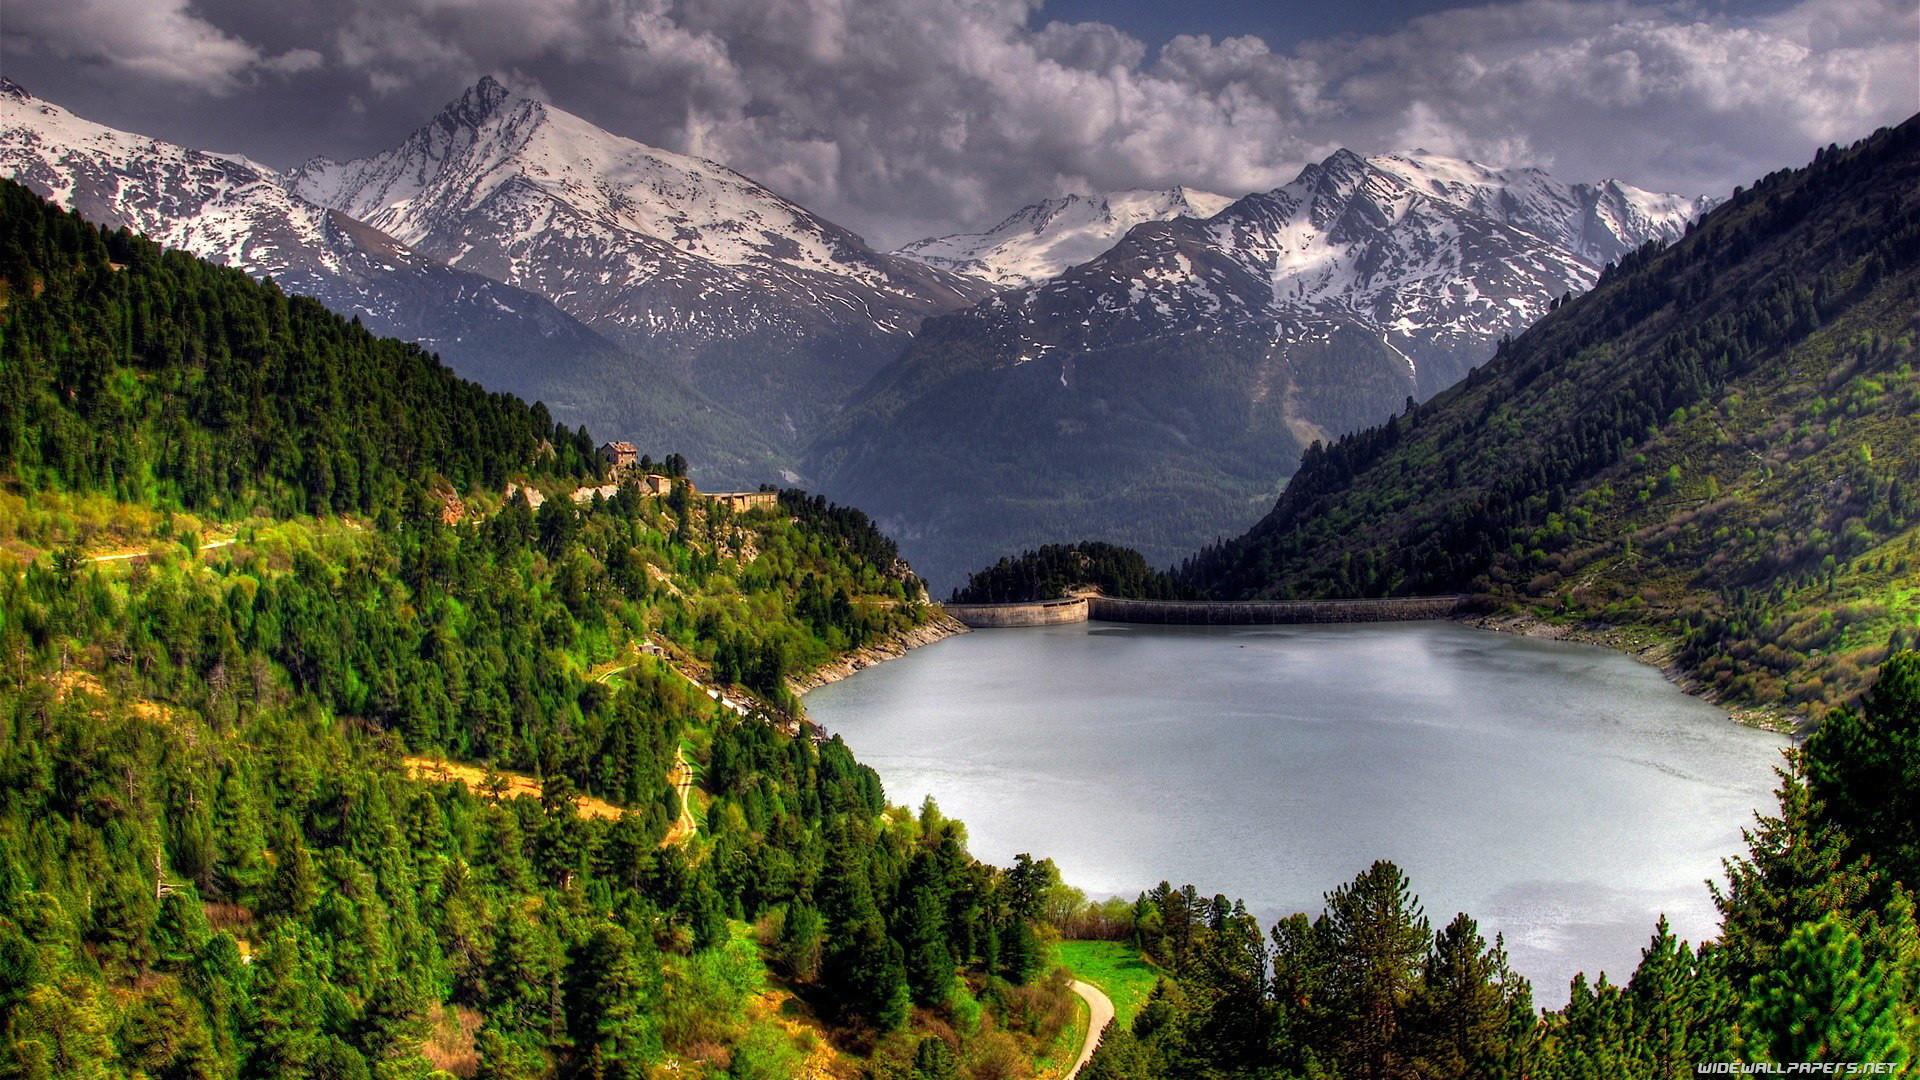 Tải ảnh nền phong cảnh đẹp trên thế giới